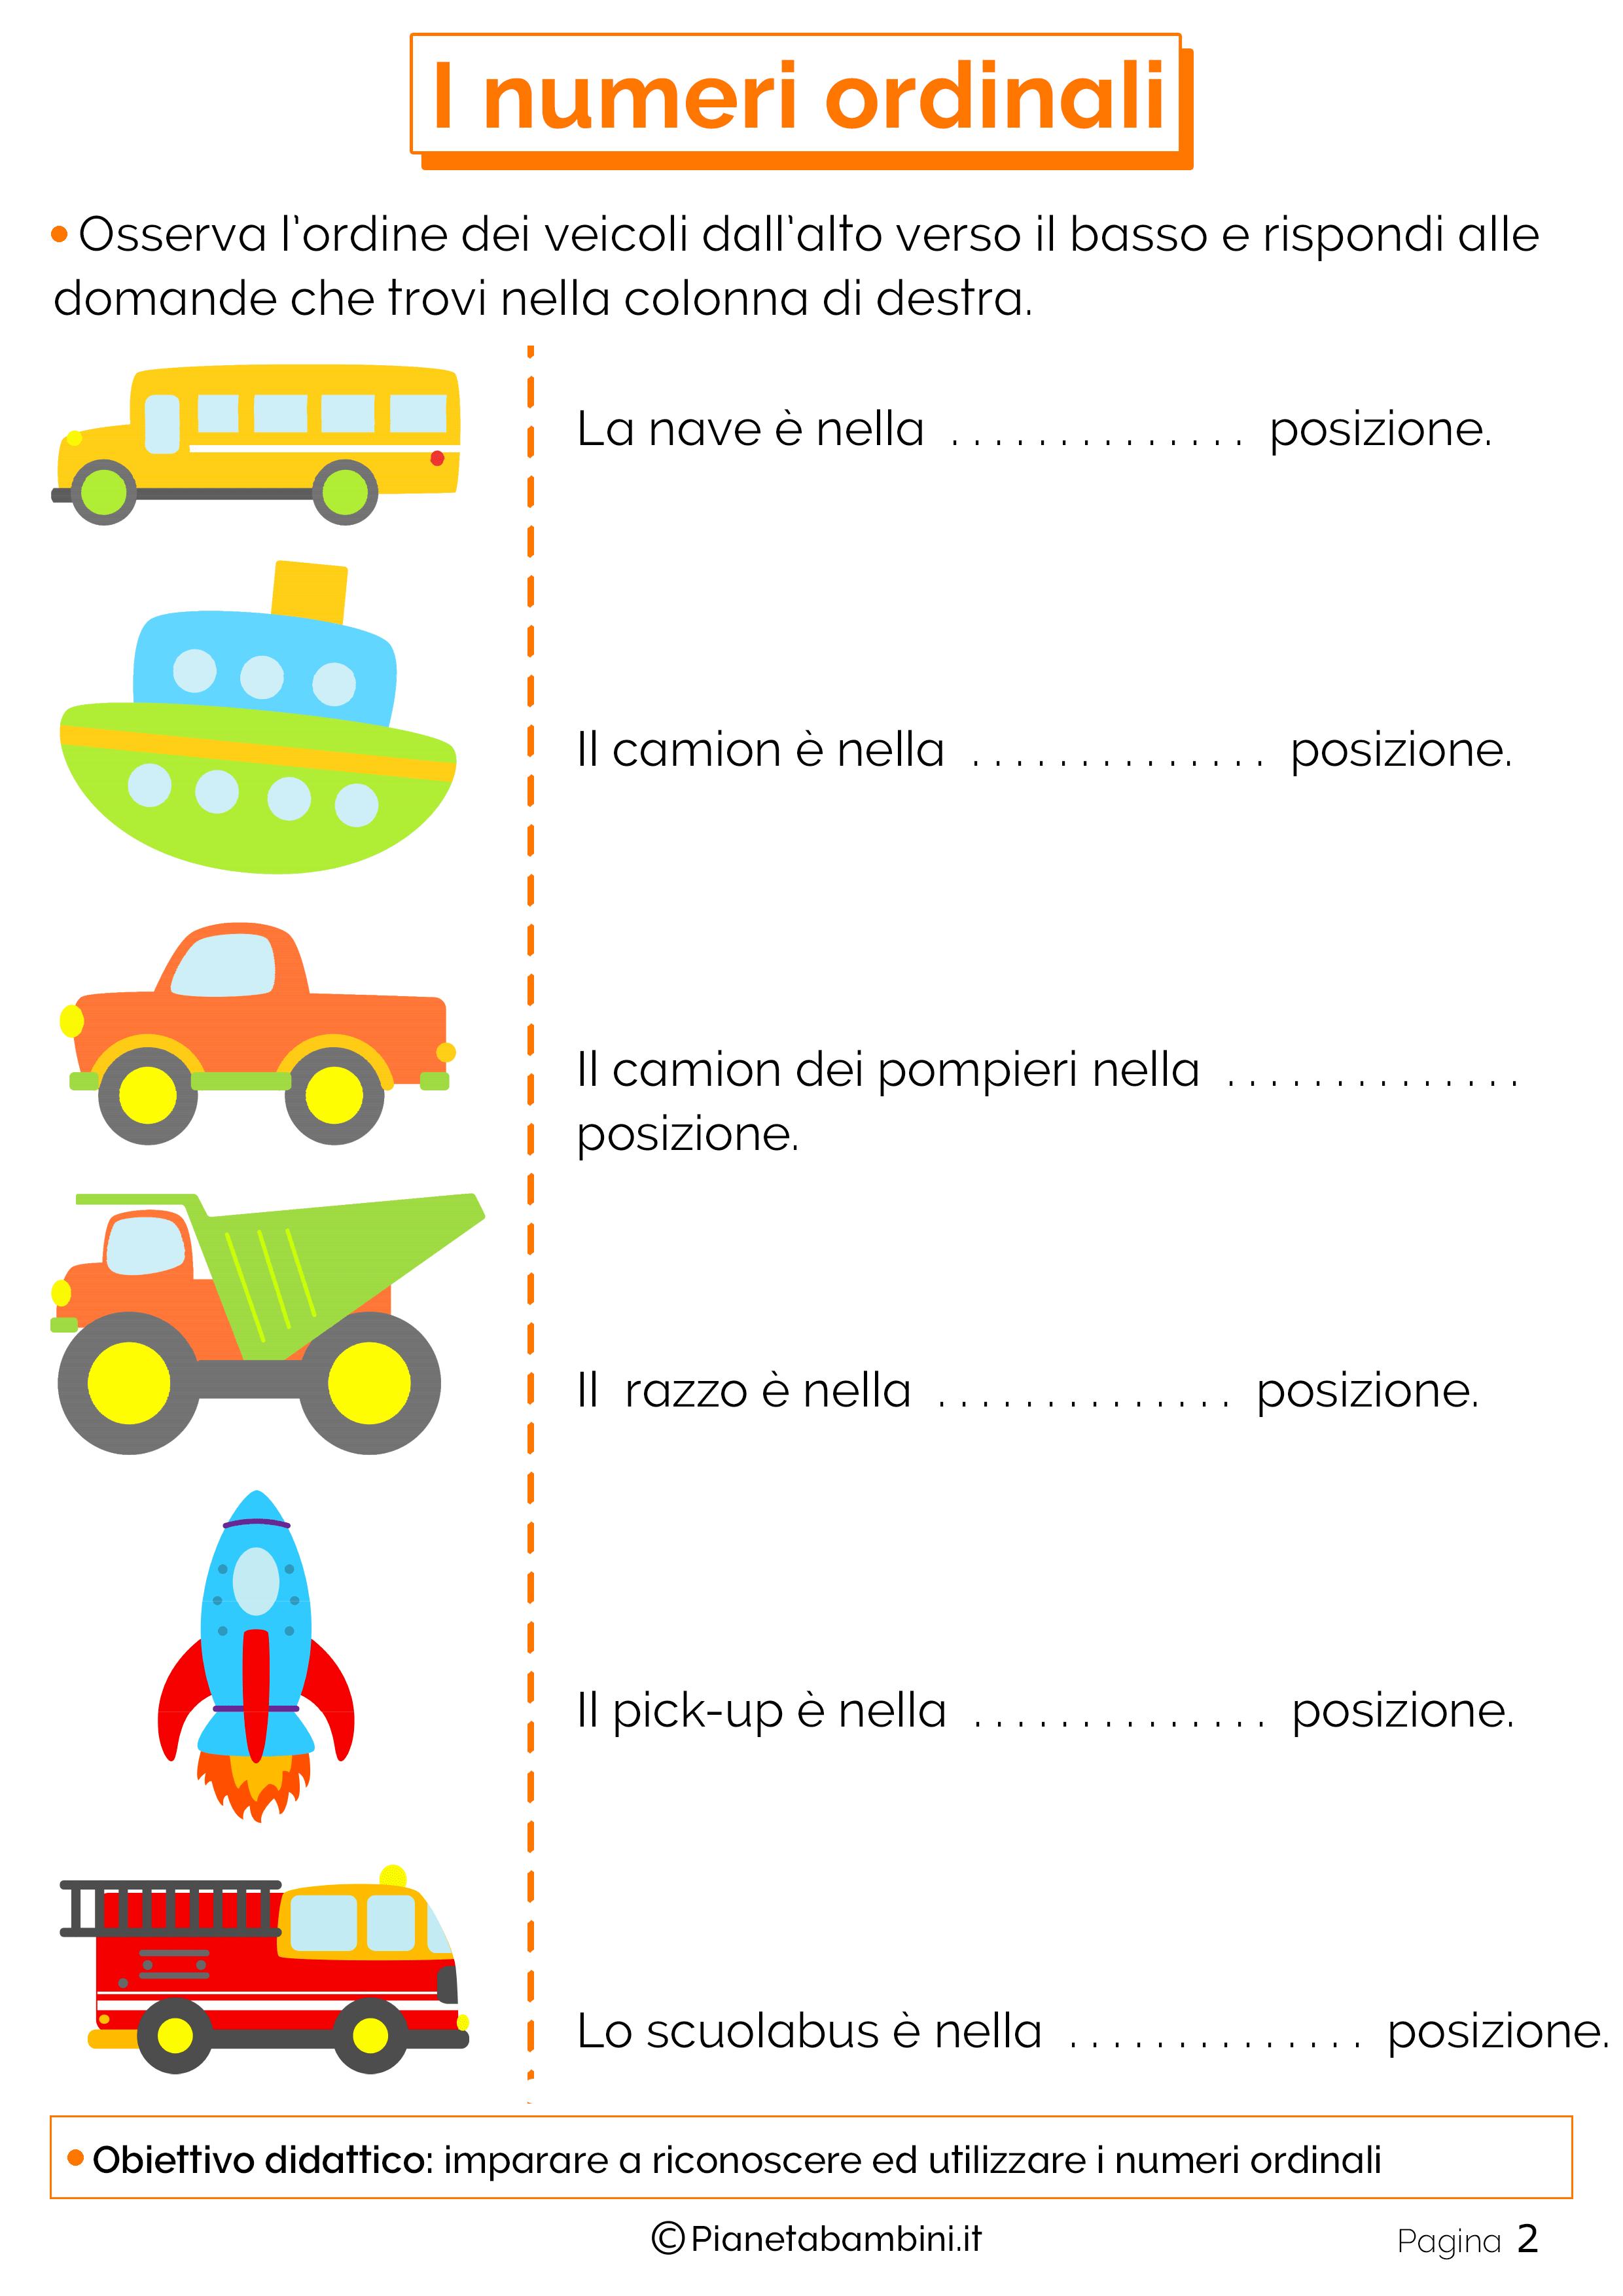 Schede-Didattiche-Numeri-Ordinali-02